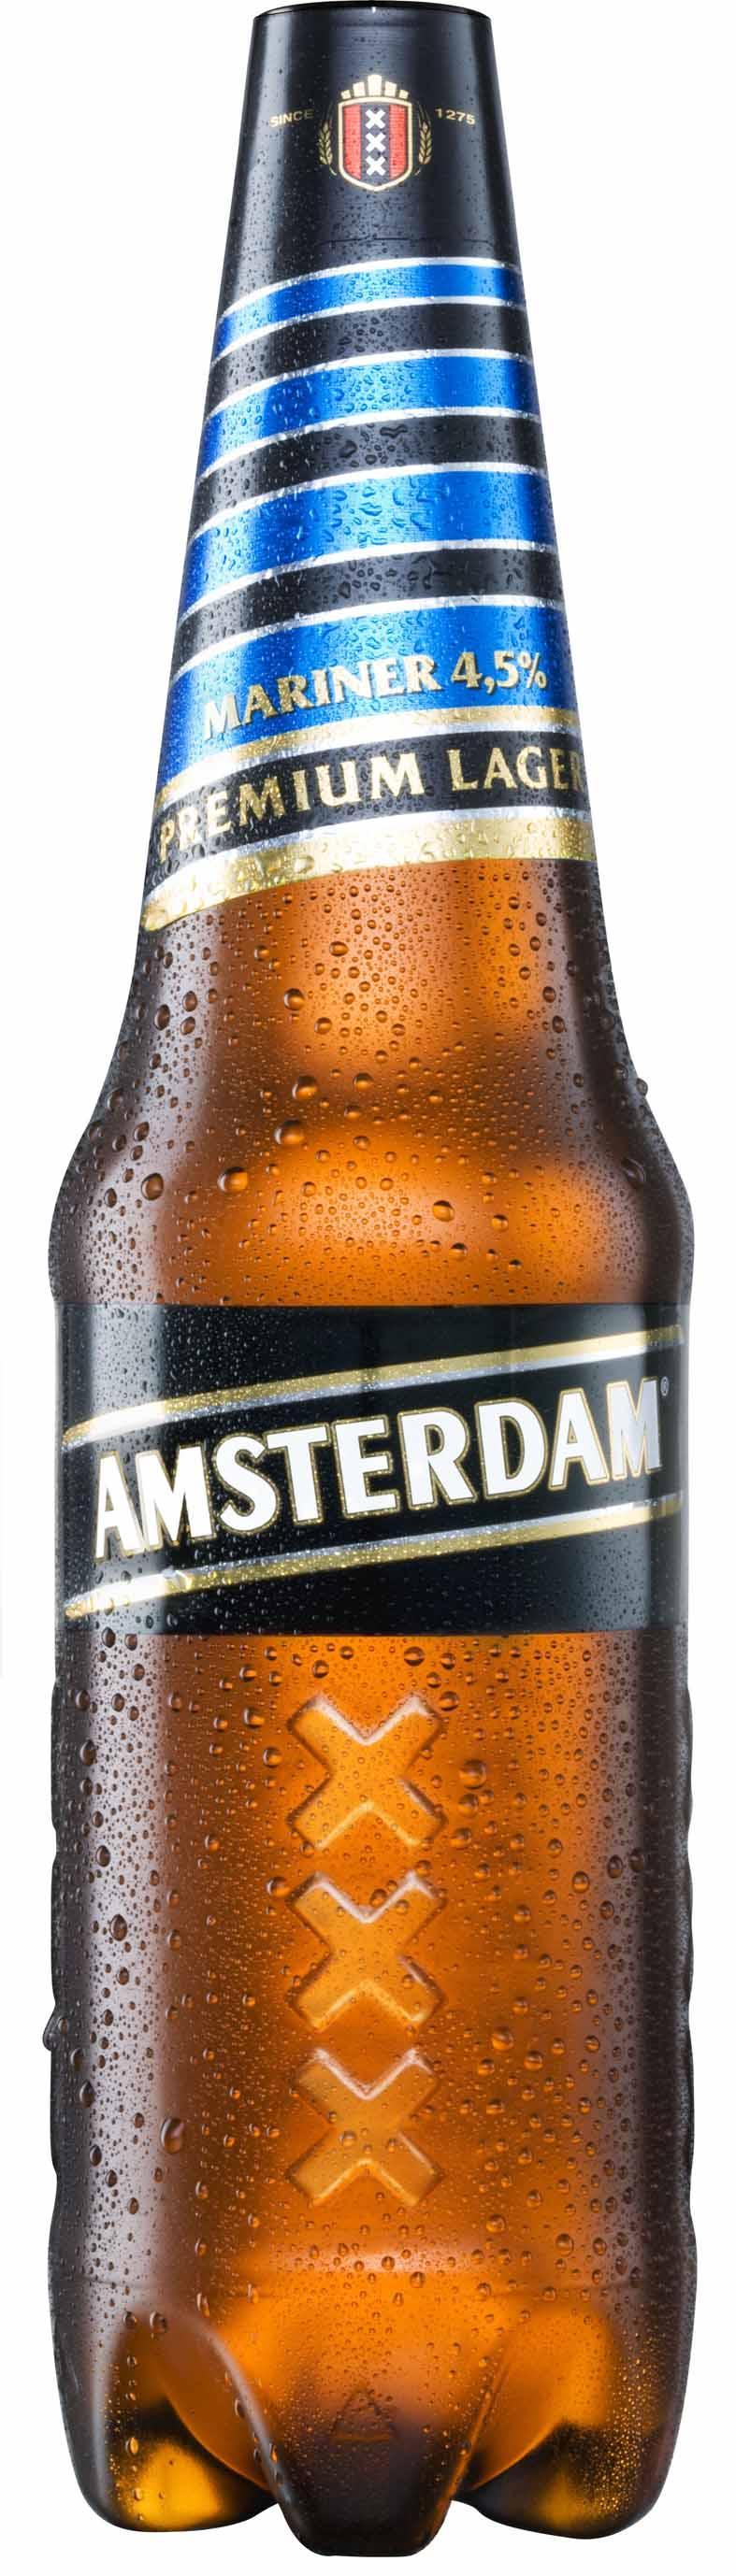 Фото: «Миллер Брендз Украина» начинает выпуск пива «Амстердам Маринер»(«Amsterdam Mariner») в новой упаковке.